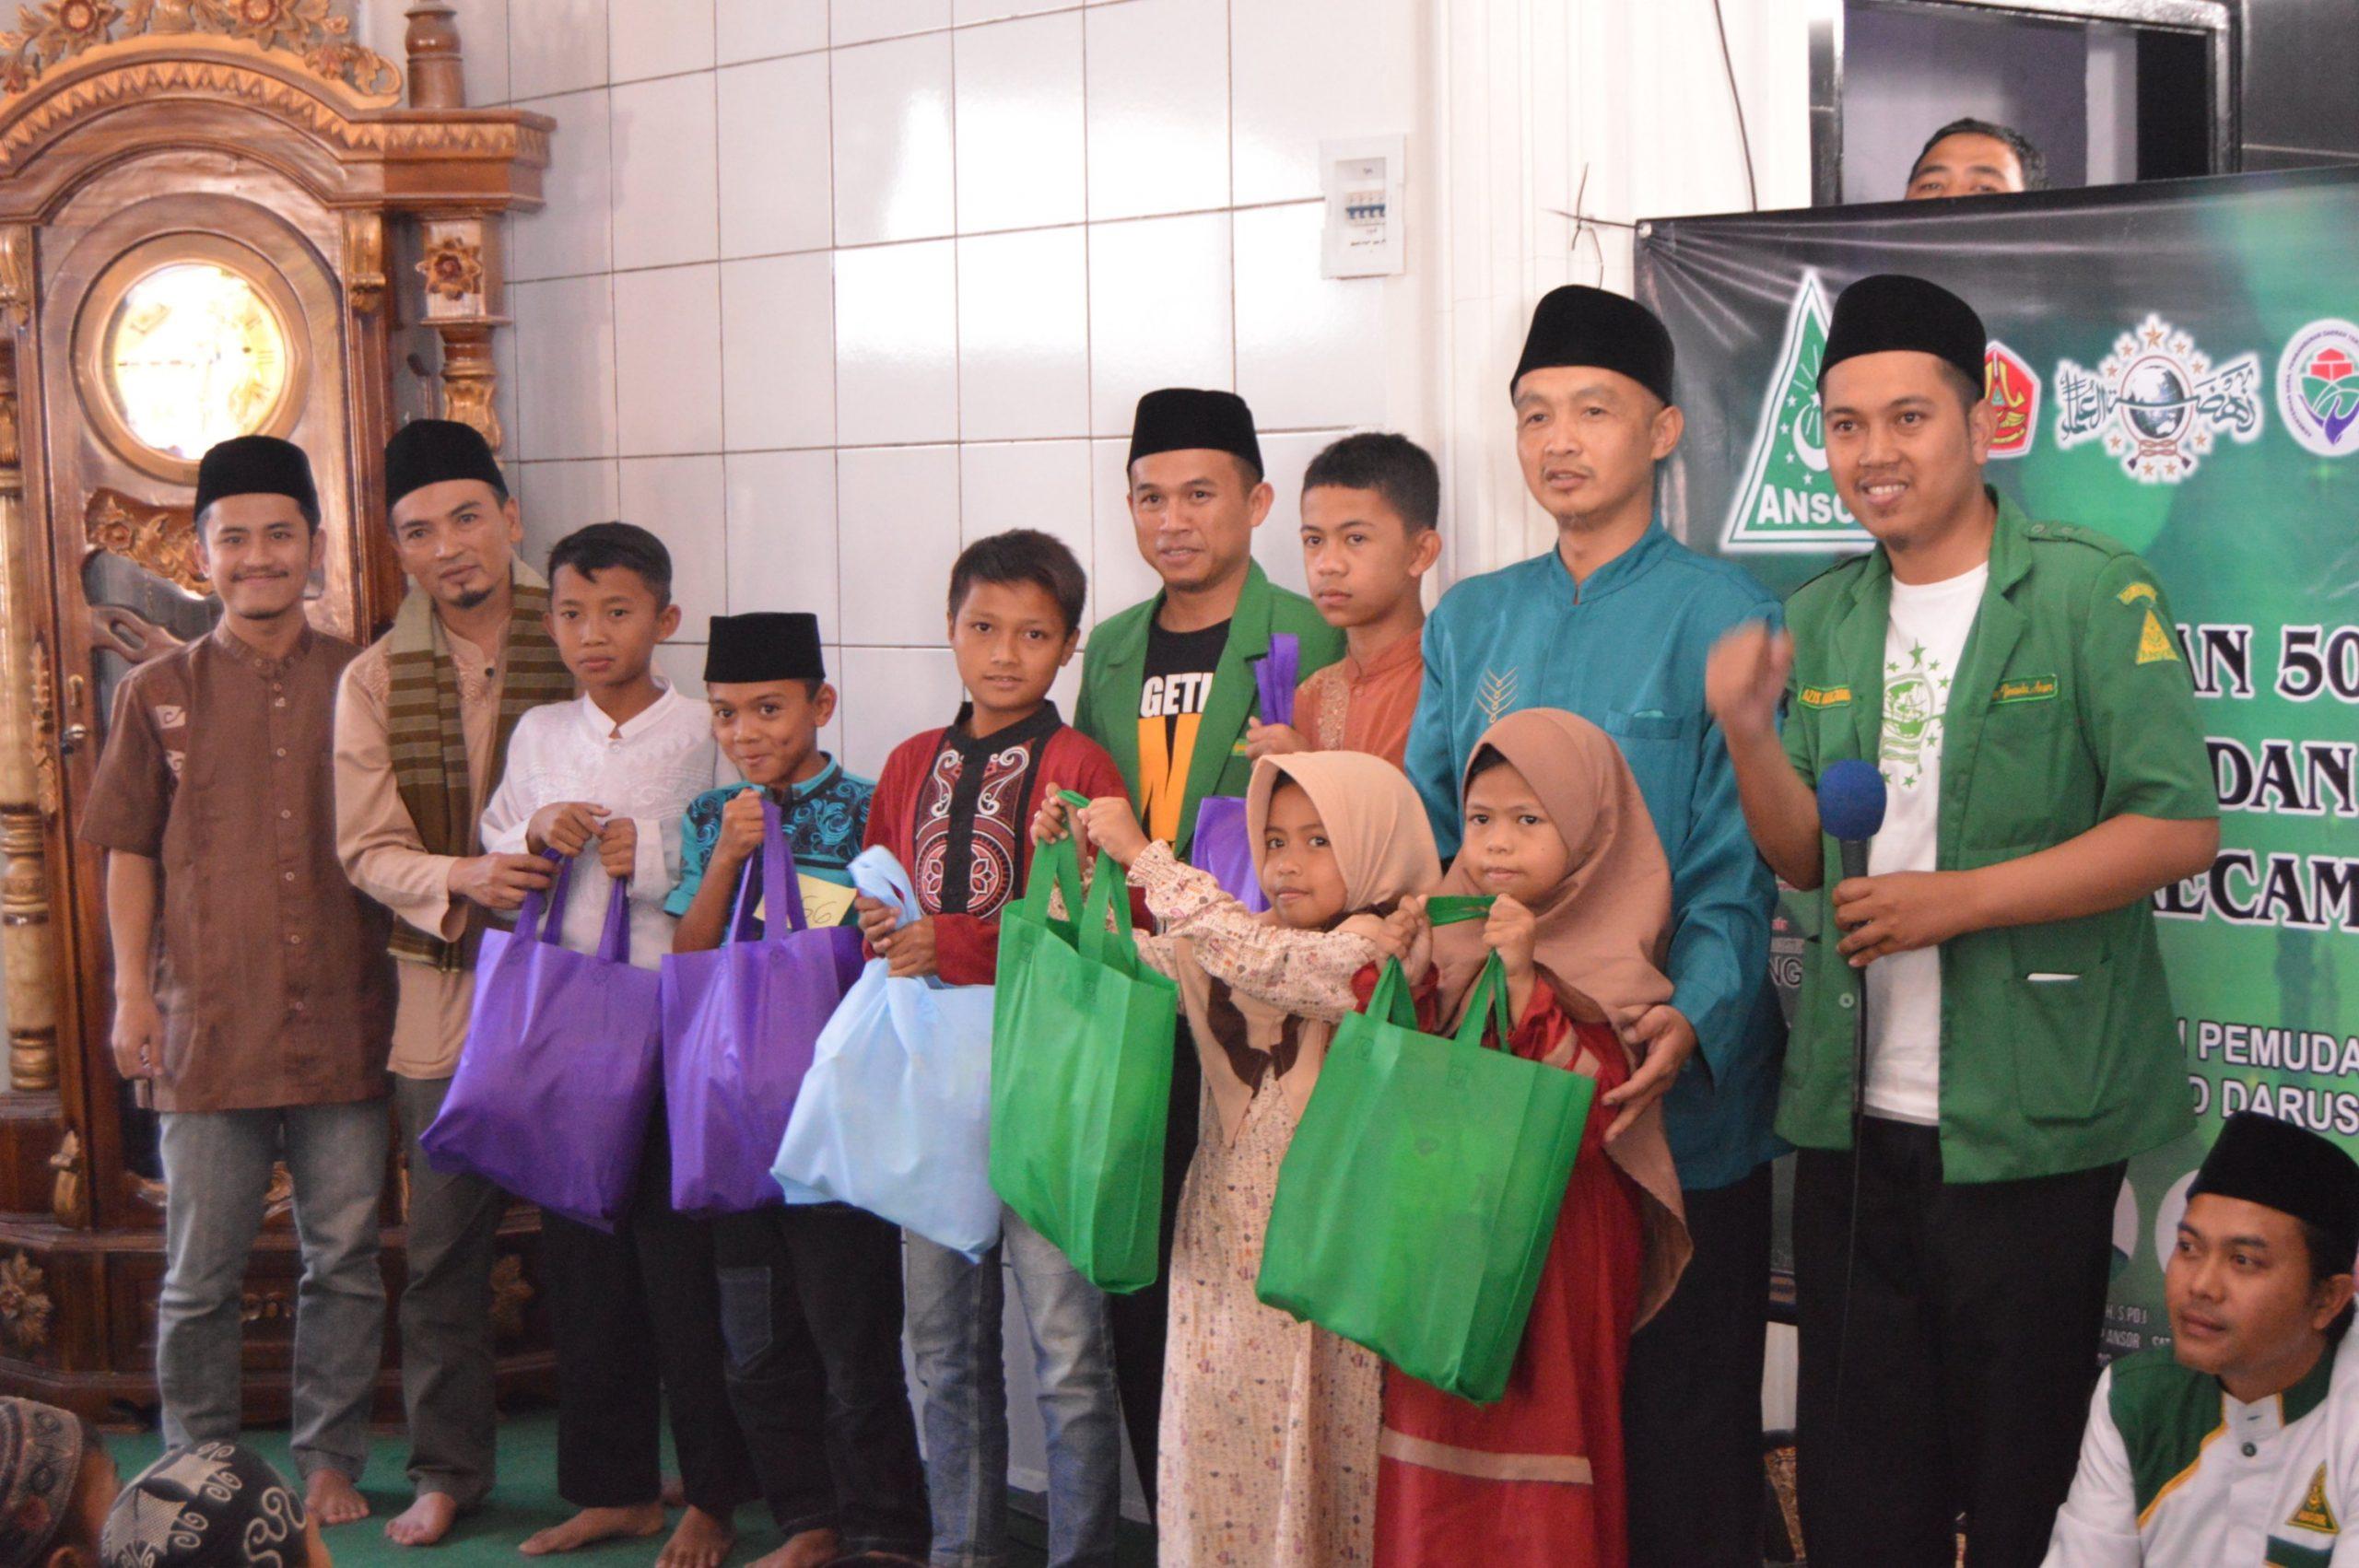 Galeri-Baznas-Kabupaten-Bandung-H-Dudi-Abdul-Hadi-Soreang-2021-Bantu-Guru-Ngaji-Soreang